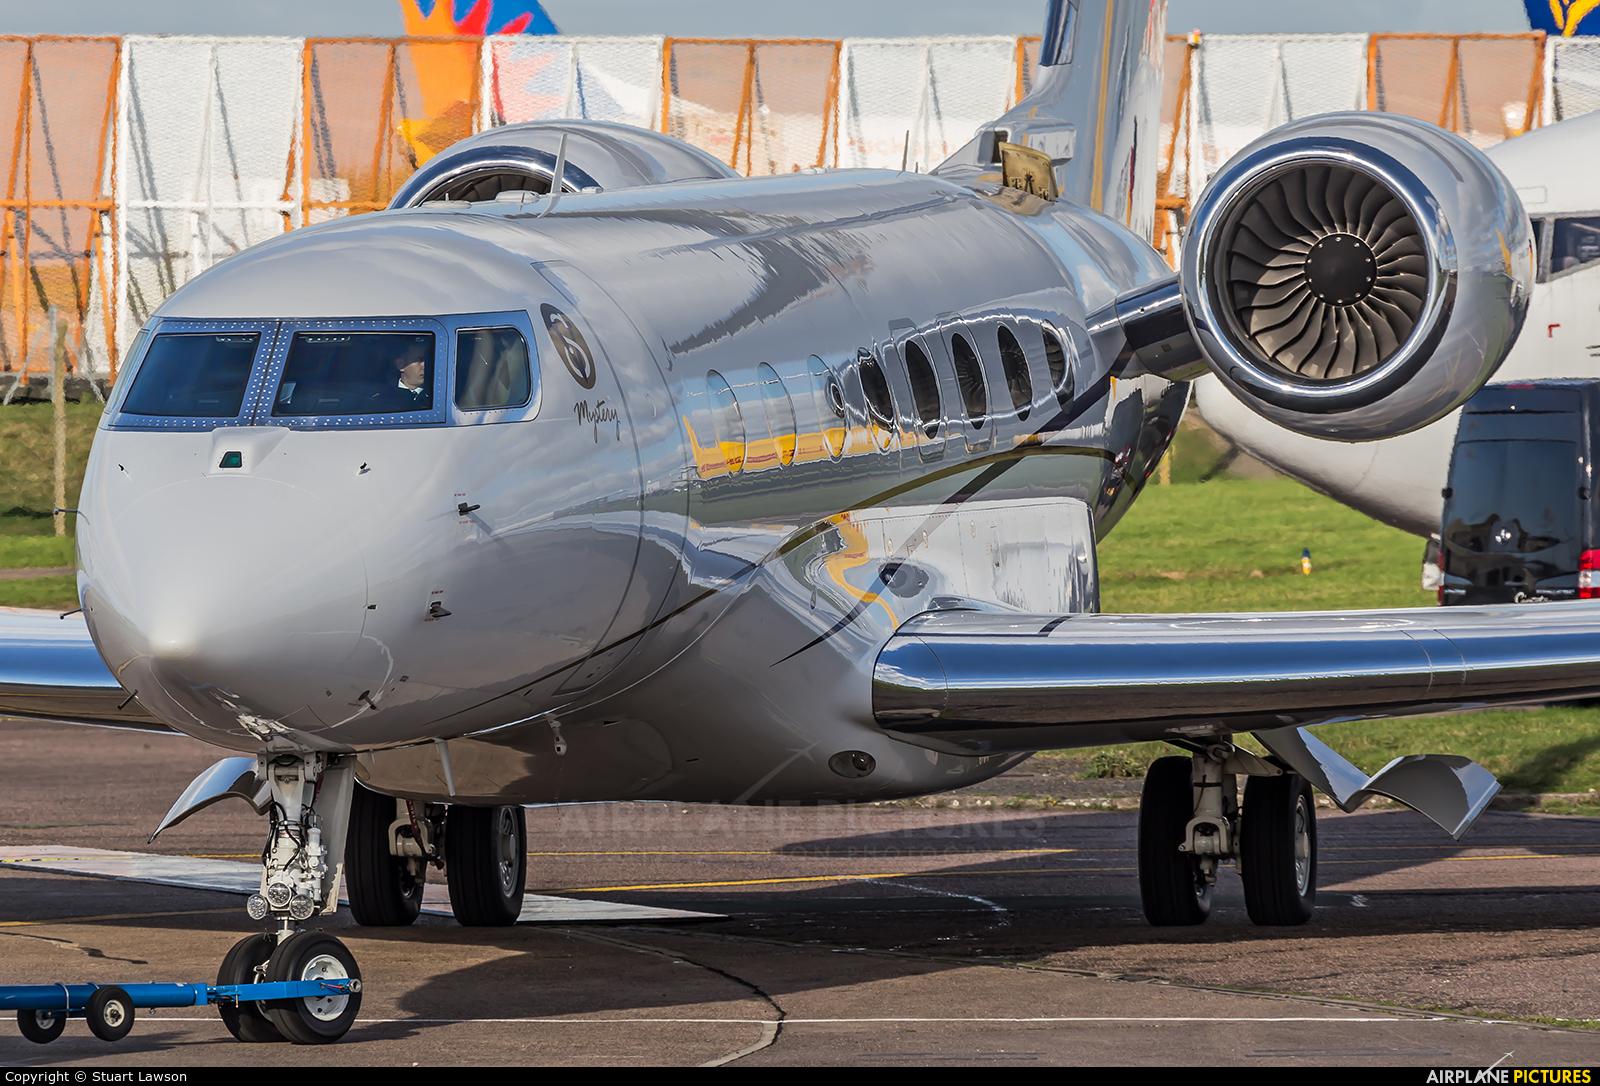 King Power International HS-VSK aircraft at East Midlands